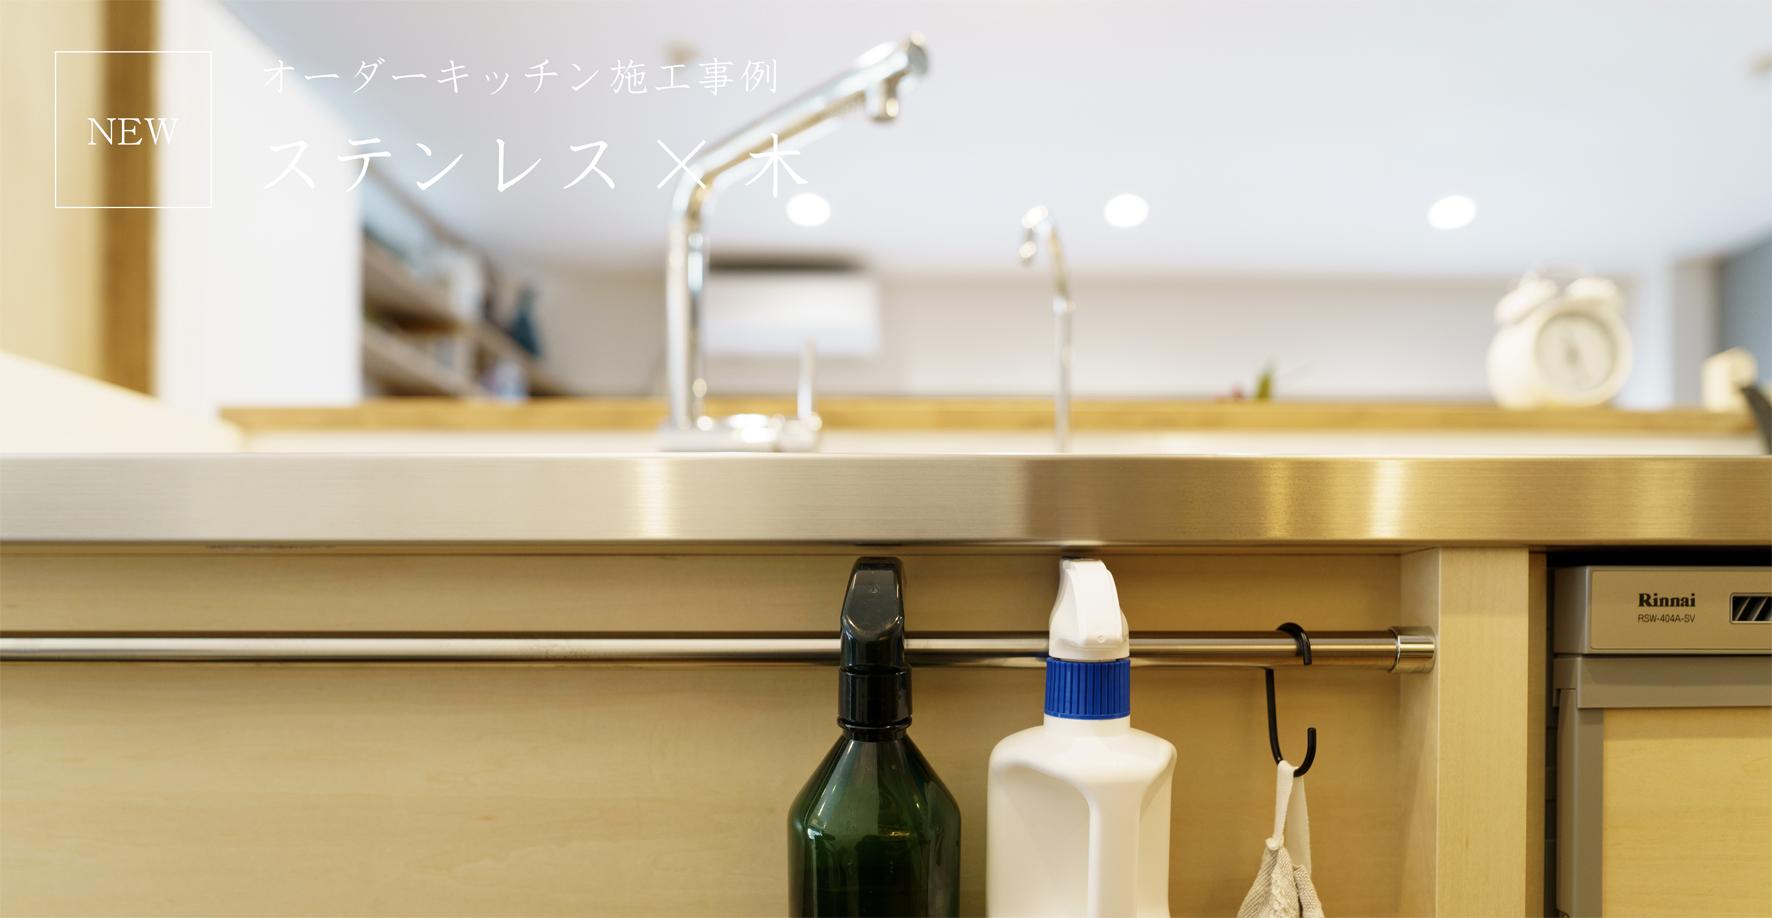 ステンレス×木(シナ) new